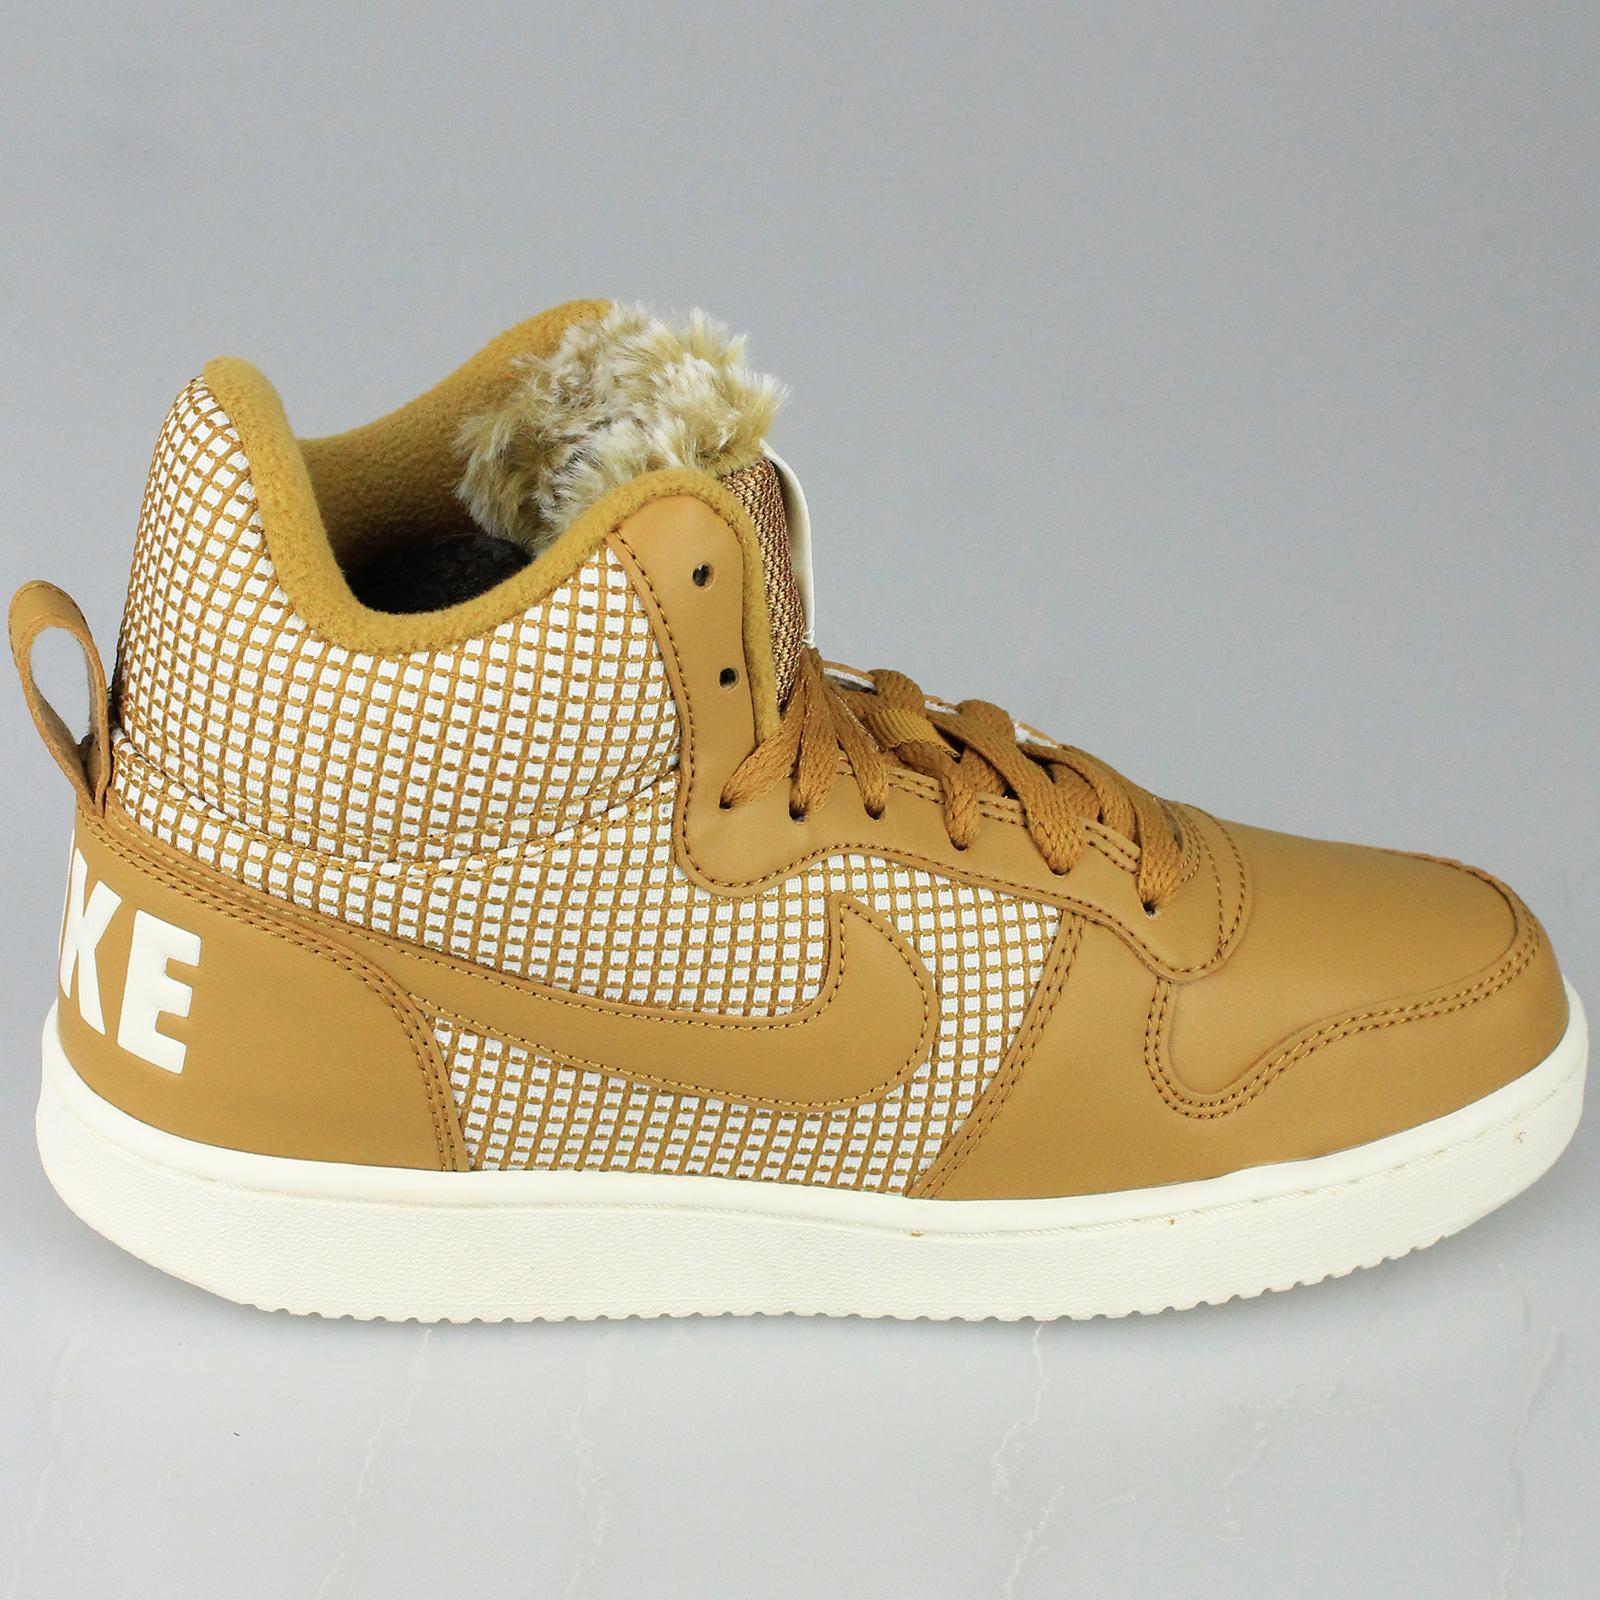 new styles 5df75 a493b Previous  Next. 1  2. Previous  Next. Pantofi sport femei Nike Court  Borough Mid 916793-700